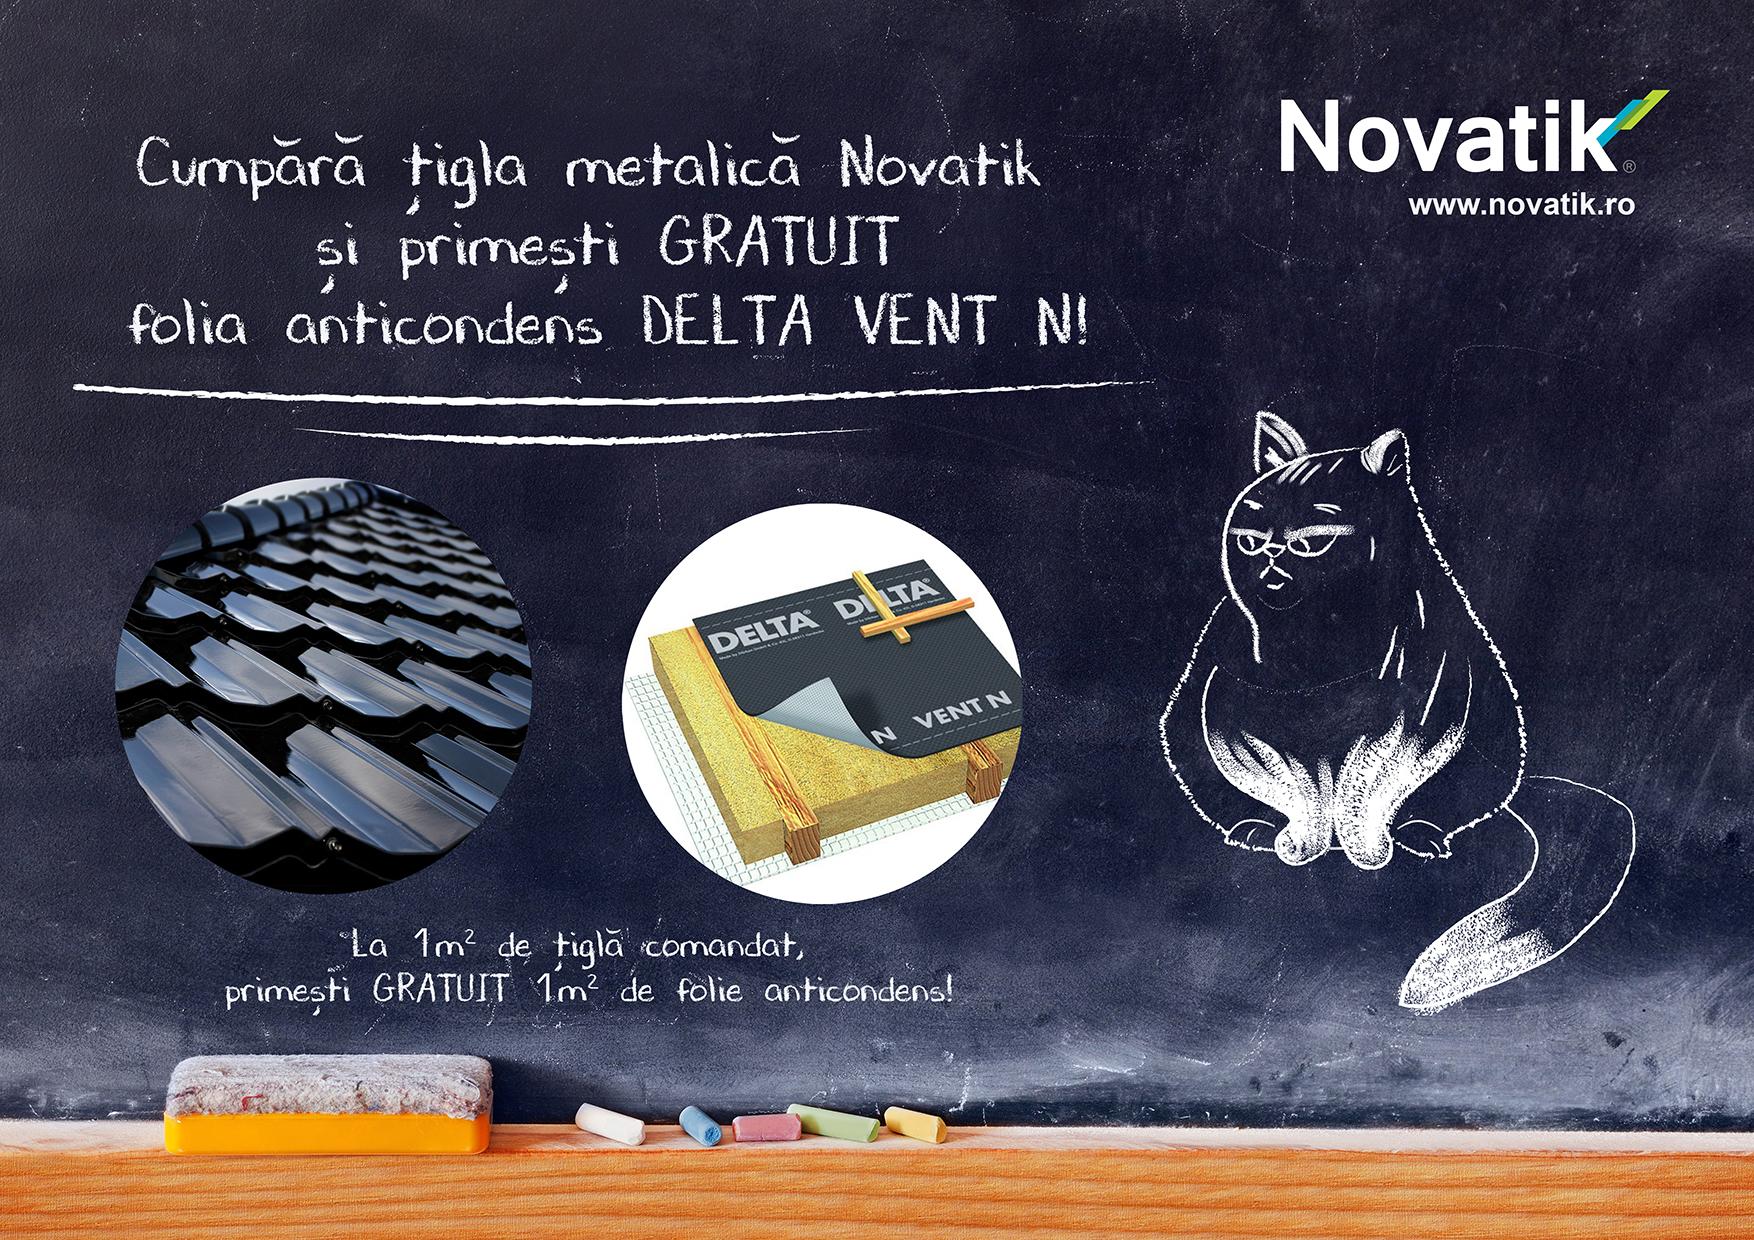 Acoperis Novatik - promotie pana la 15 martie - Acoperis Novatik - promotie pana la 15